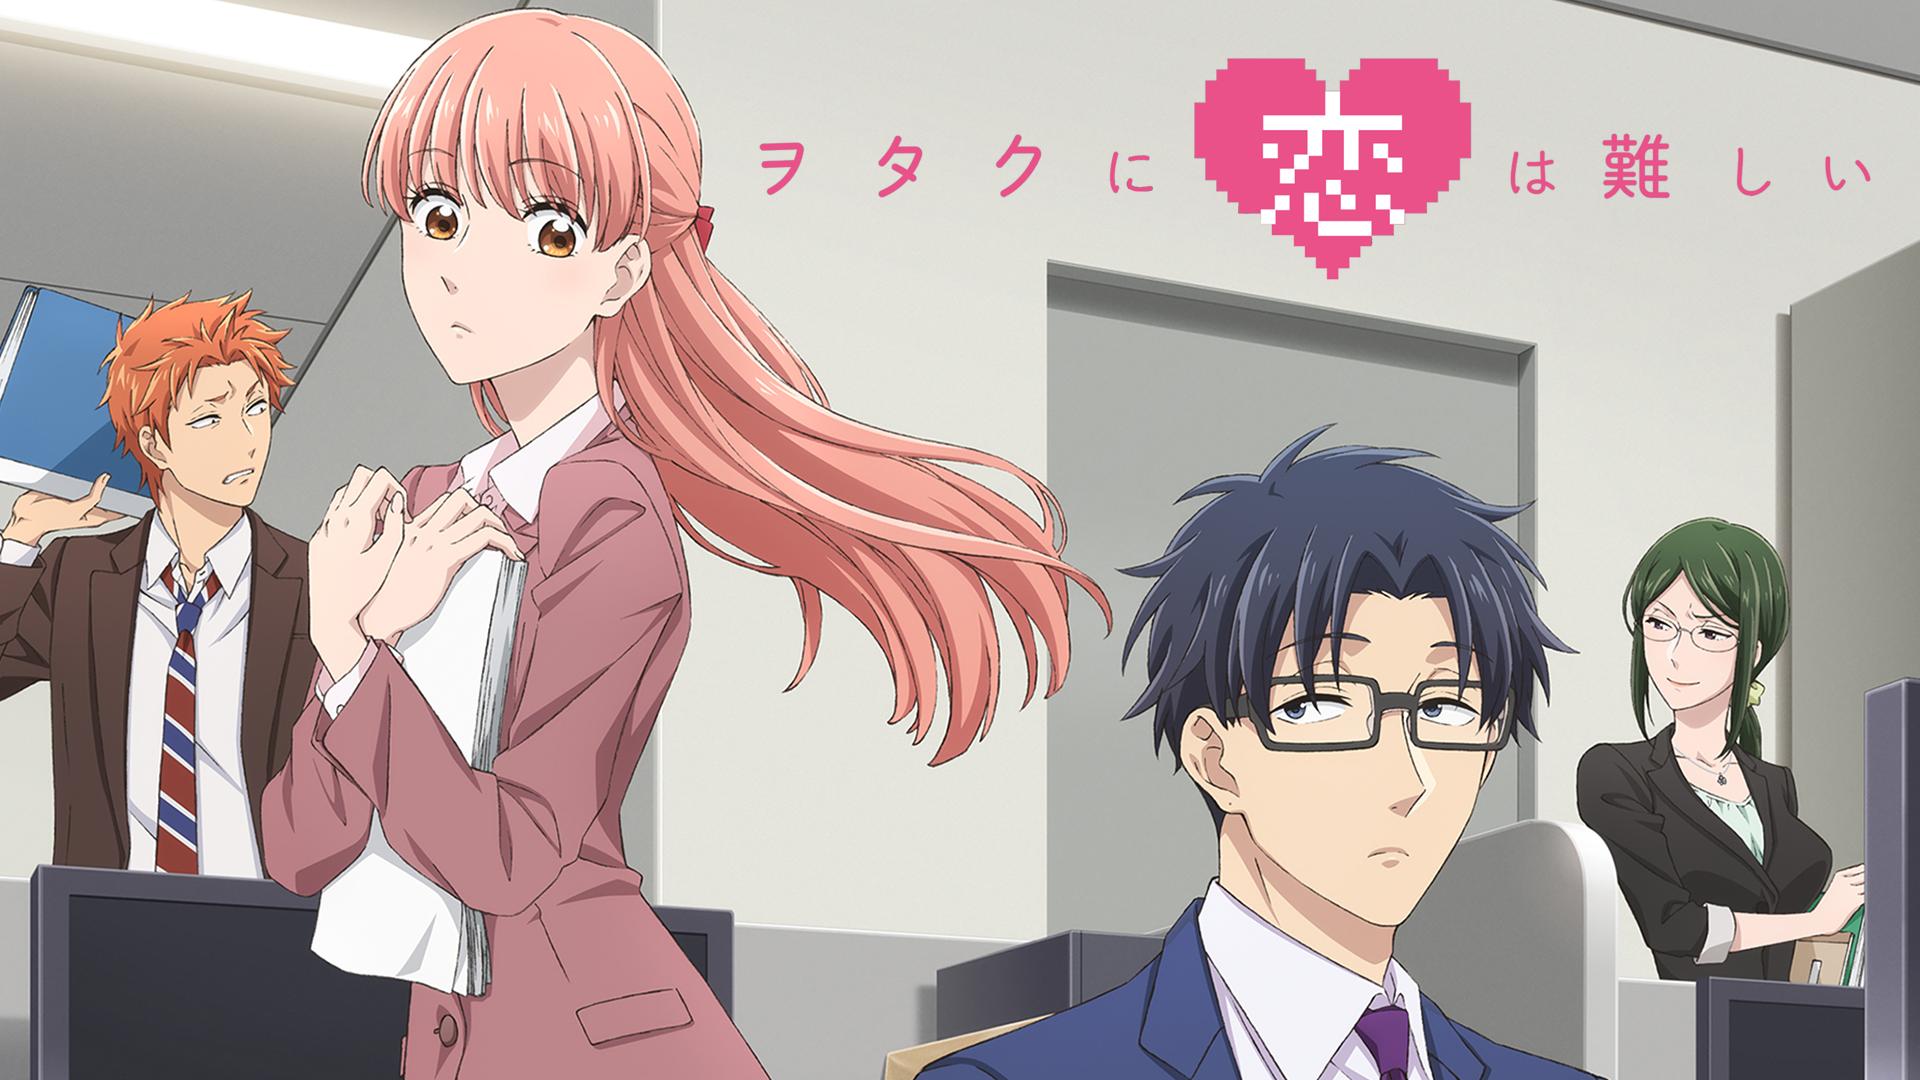 アニメ『ヲタクに恋は難しい』無料動画まとめ!1話から最終回を見逃しフル視聴できるサイトは?